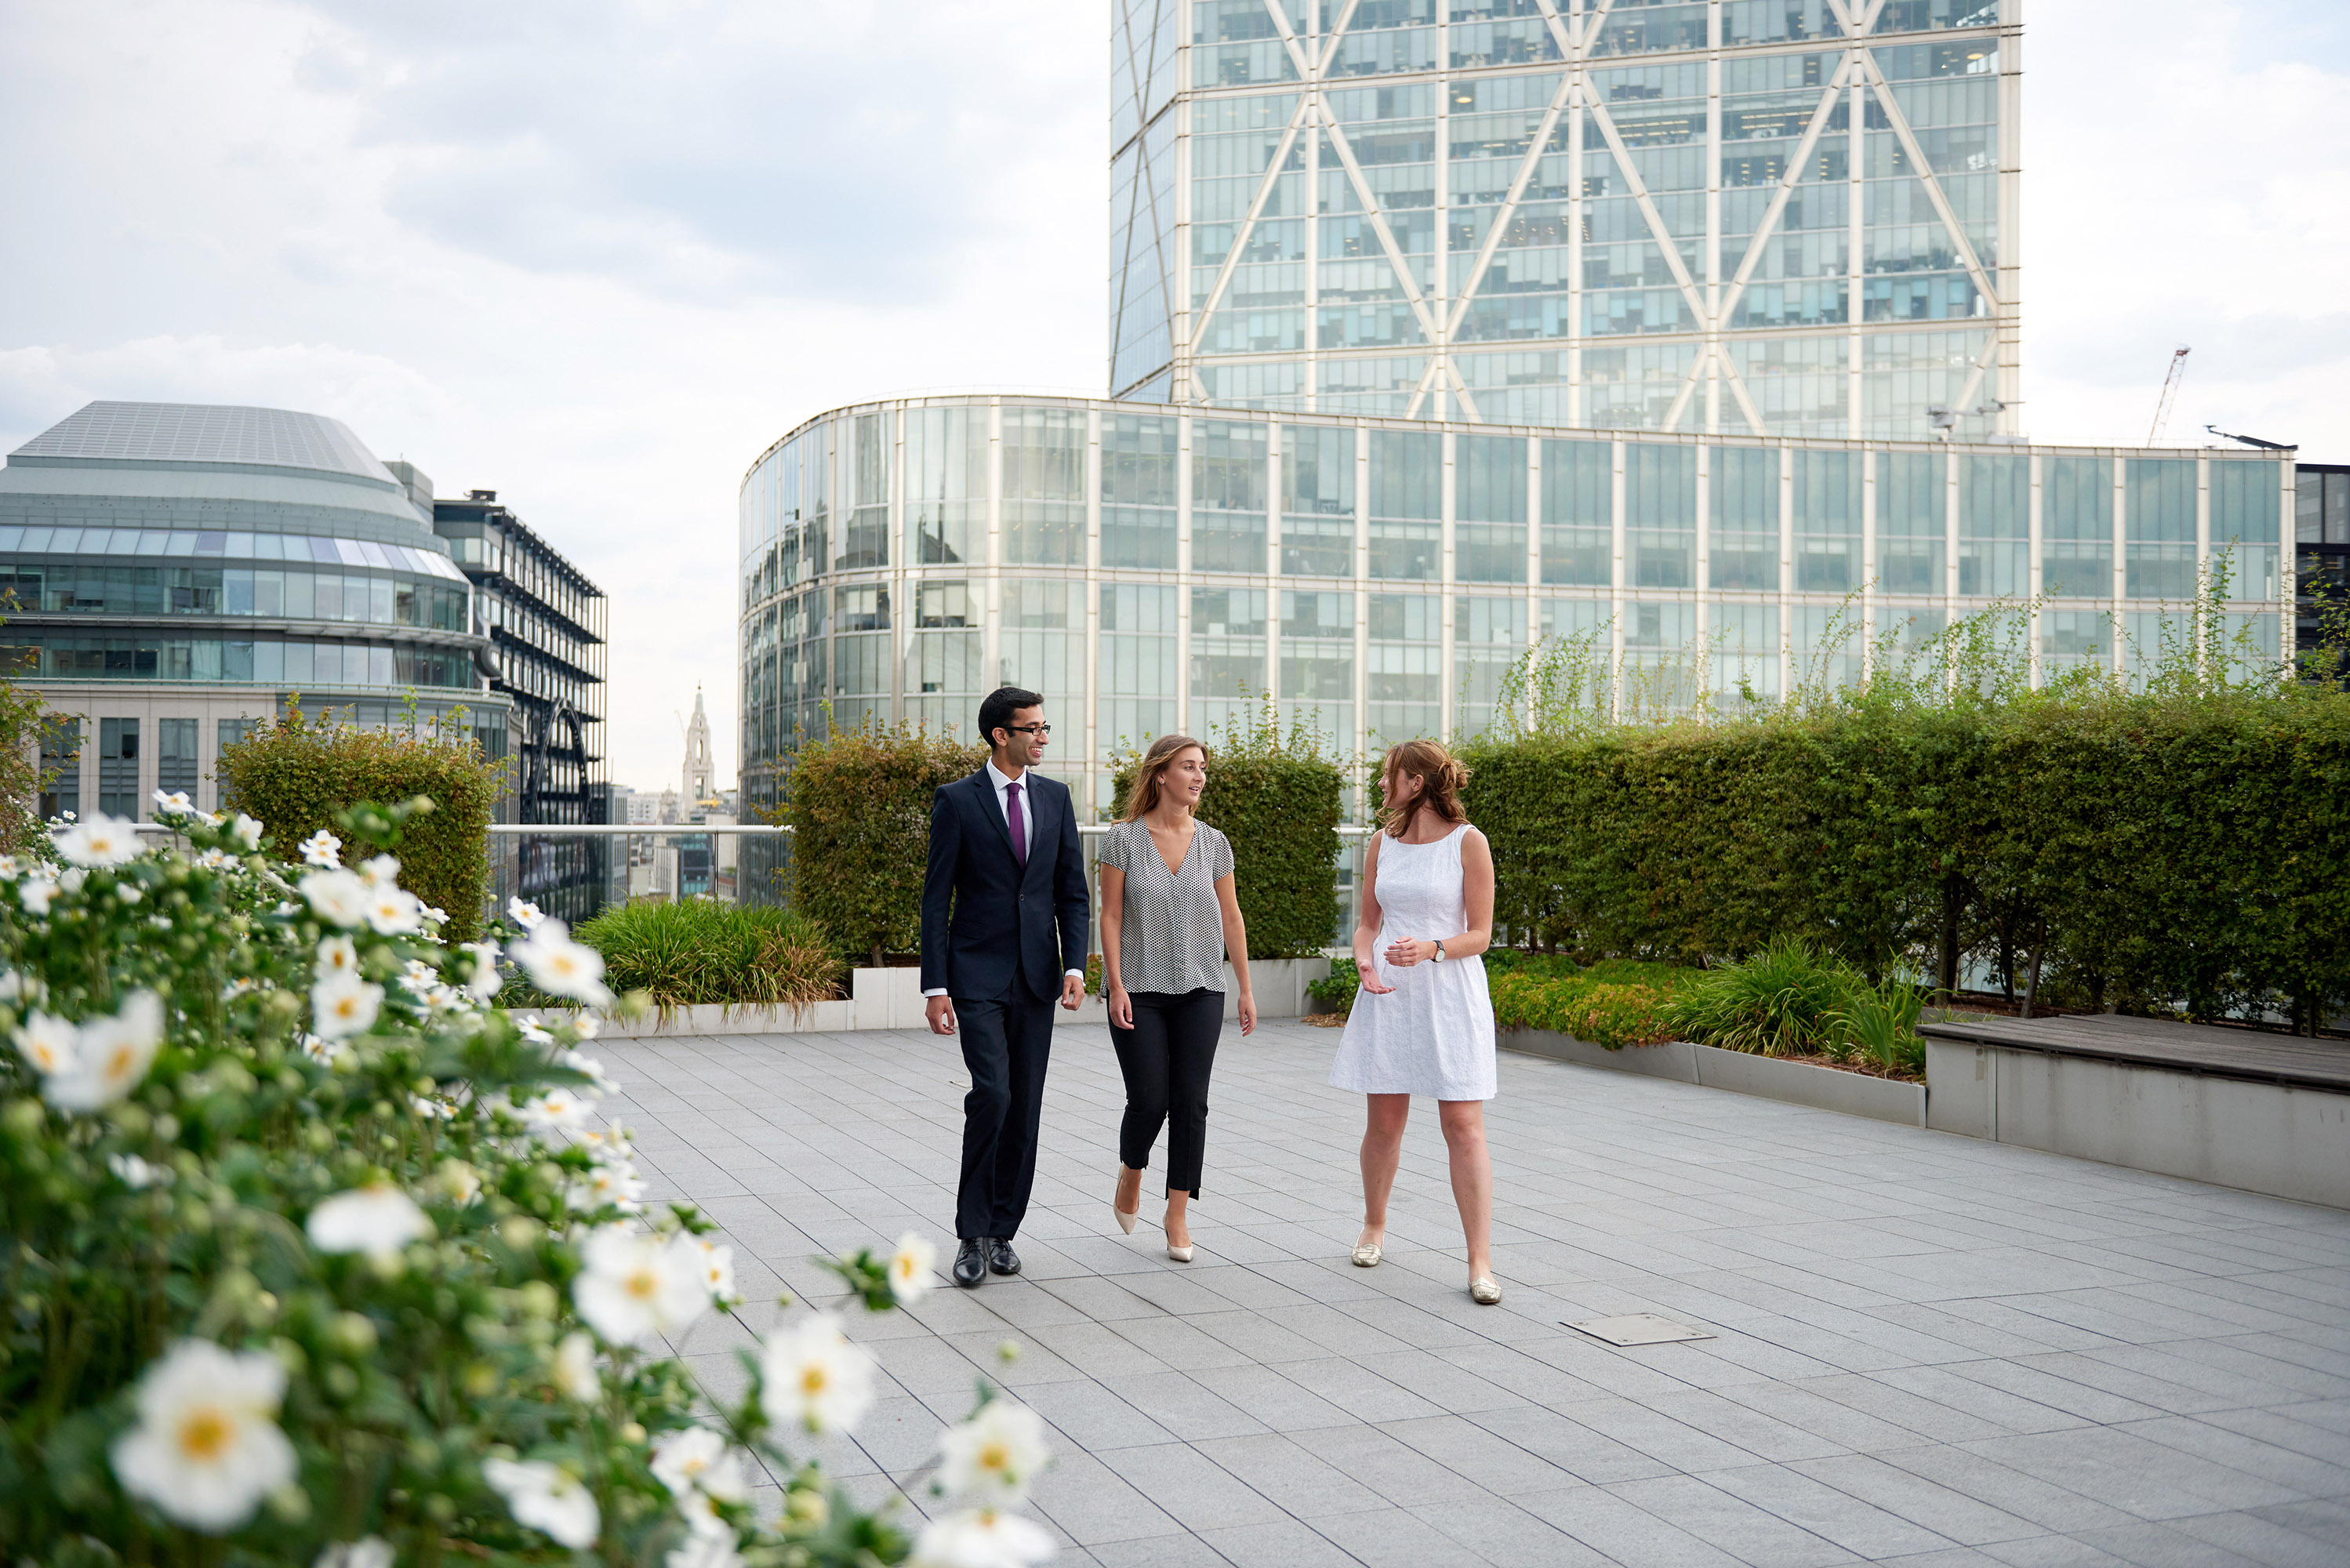 Akin Gump Strauss Hauer & Feld – Best Trainer – US Firm in the City | Roof Garden